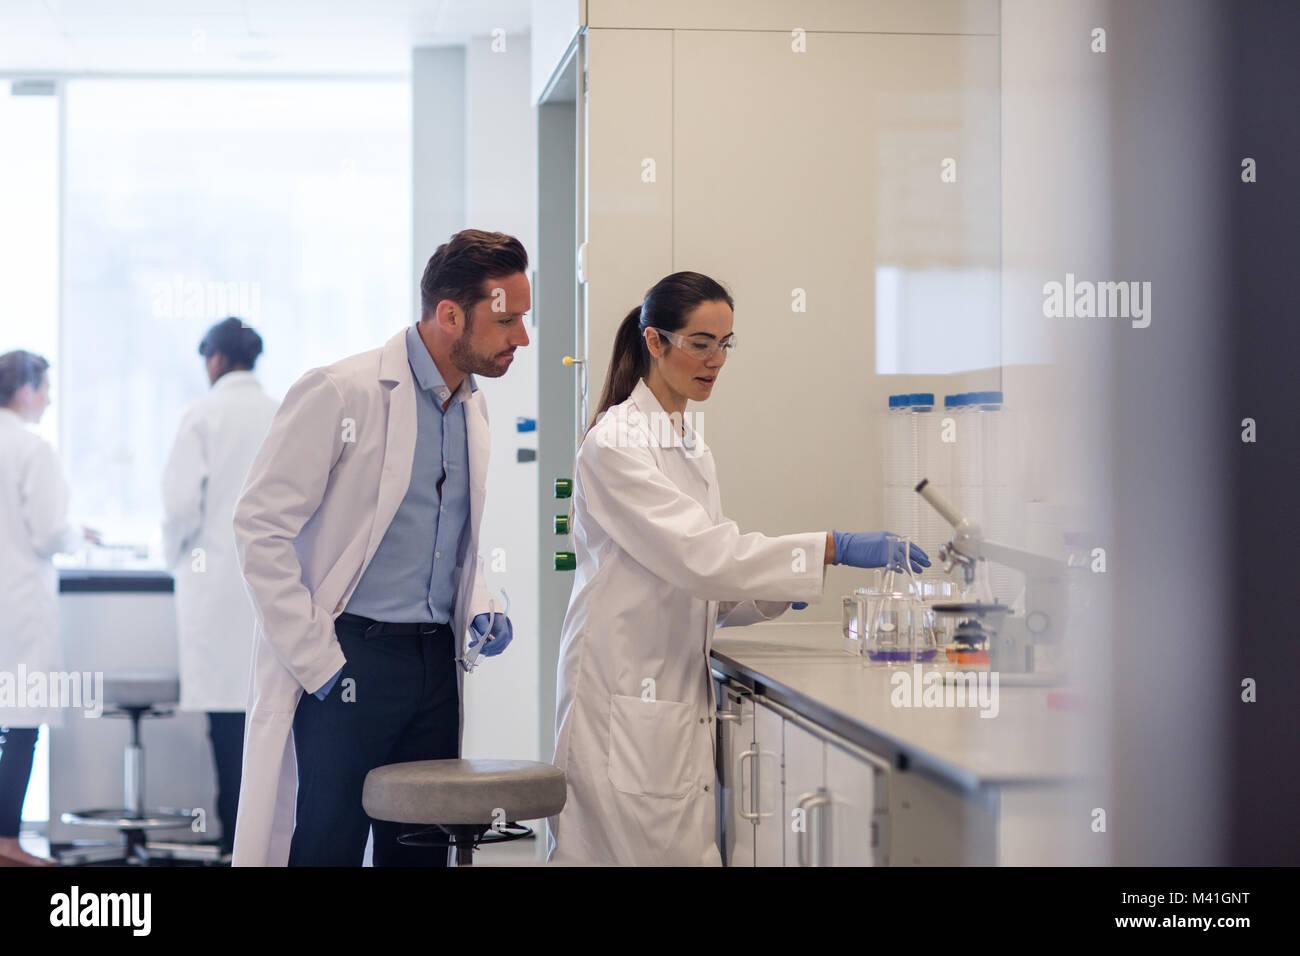 Estudiante trabajando en un experimento científico Imagen De Stock